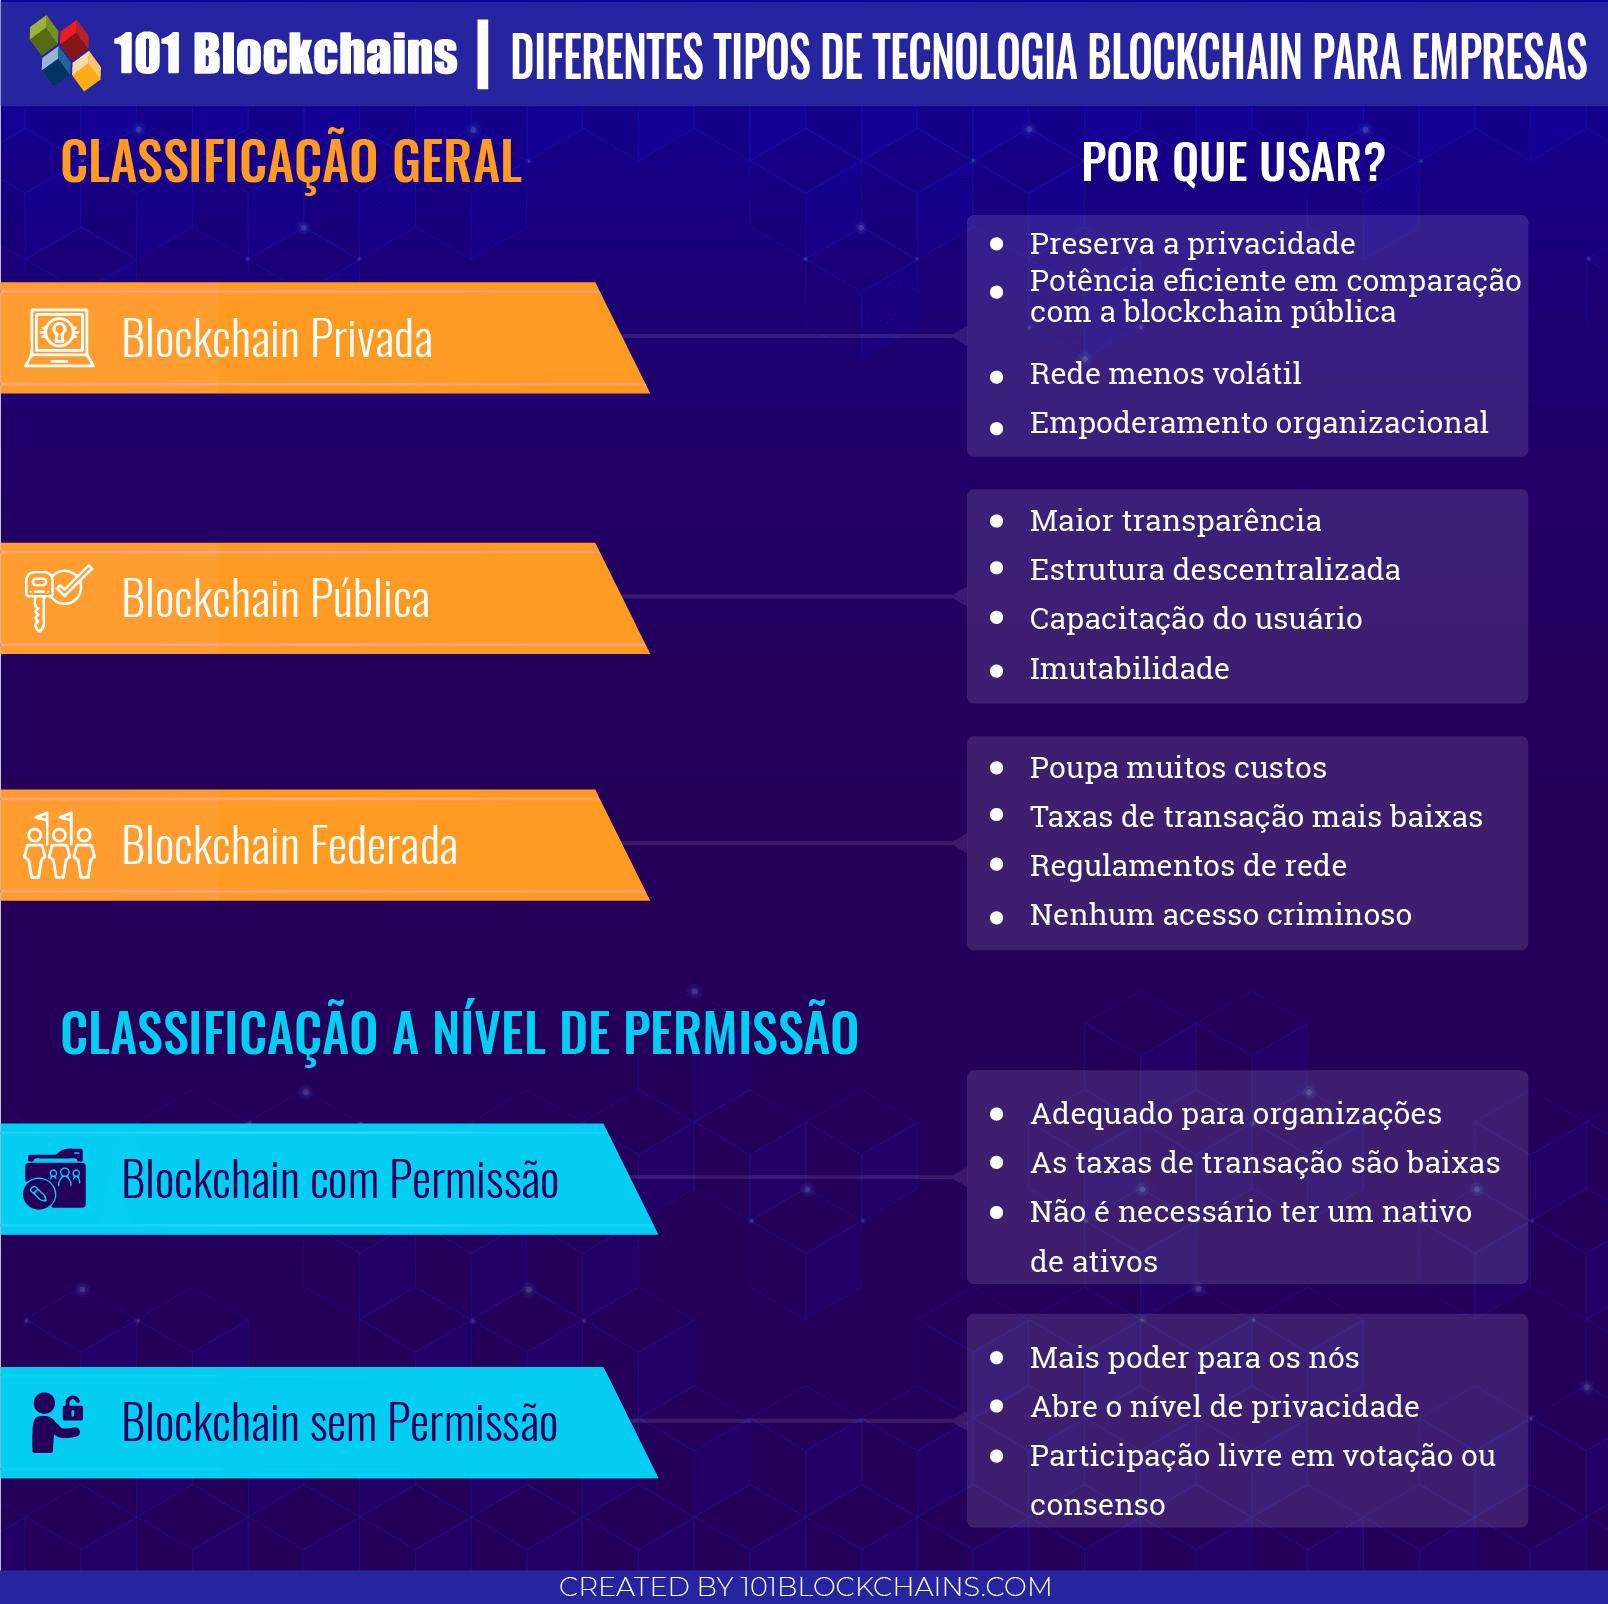 Diferentes Tipos de Tecnologia Blockchain para Empresas